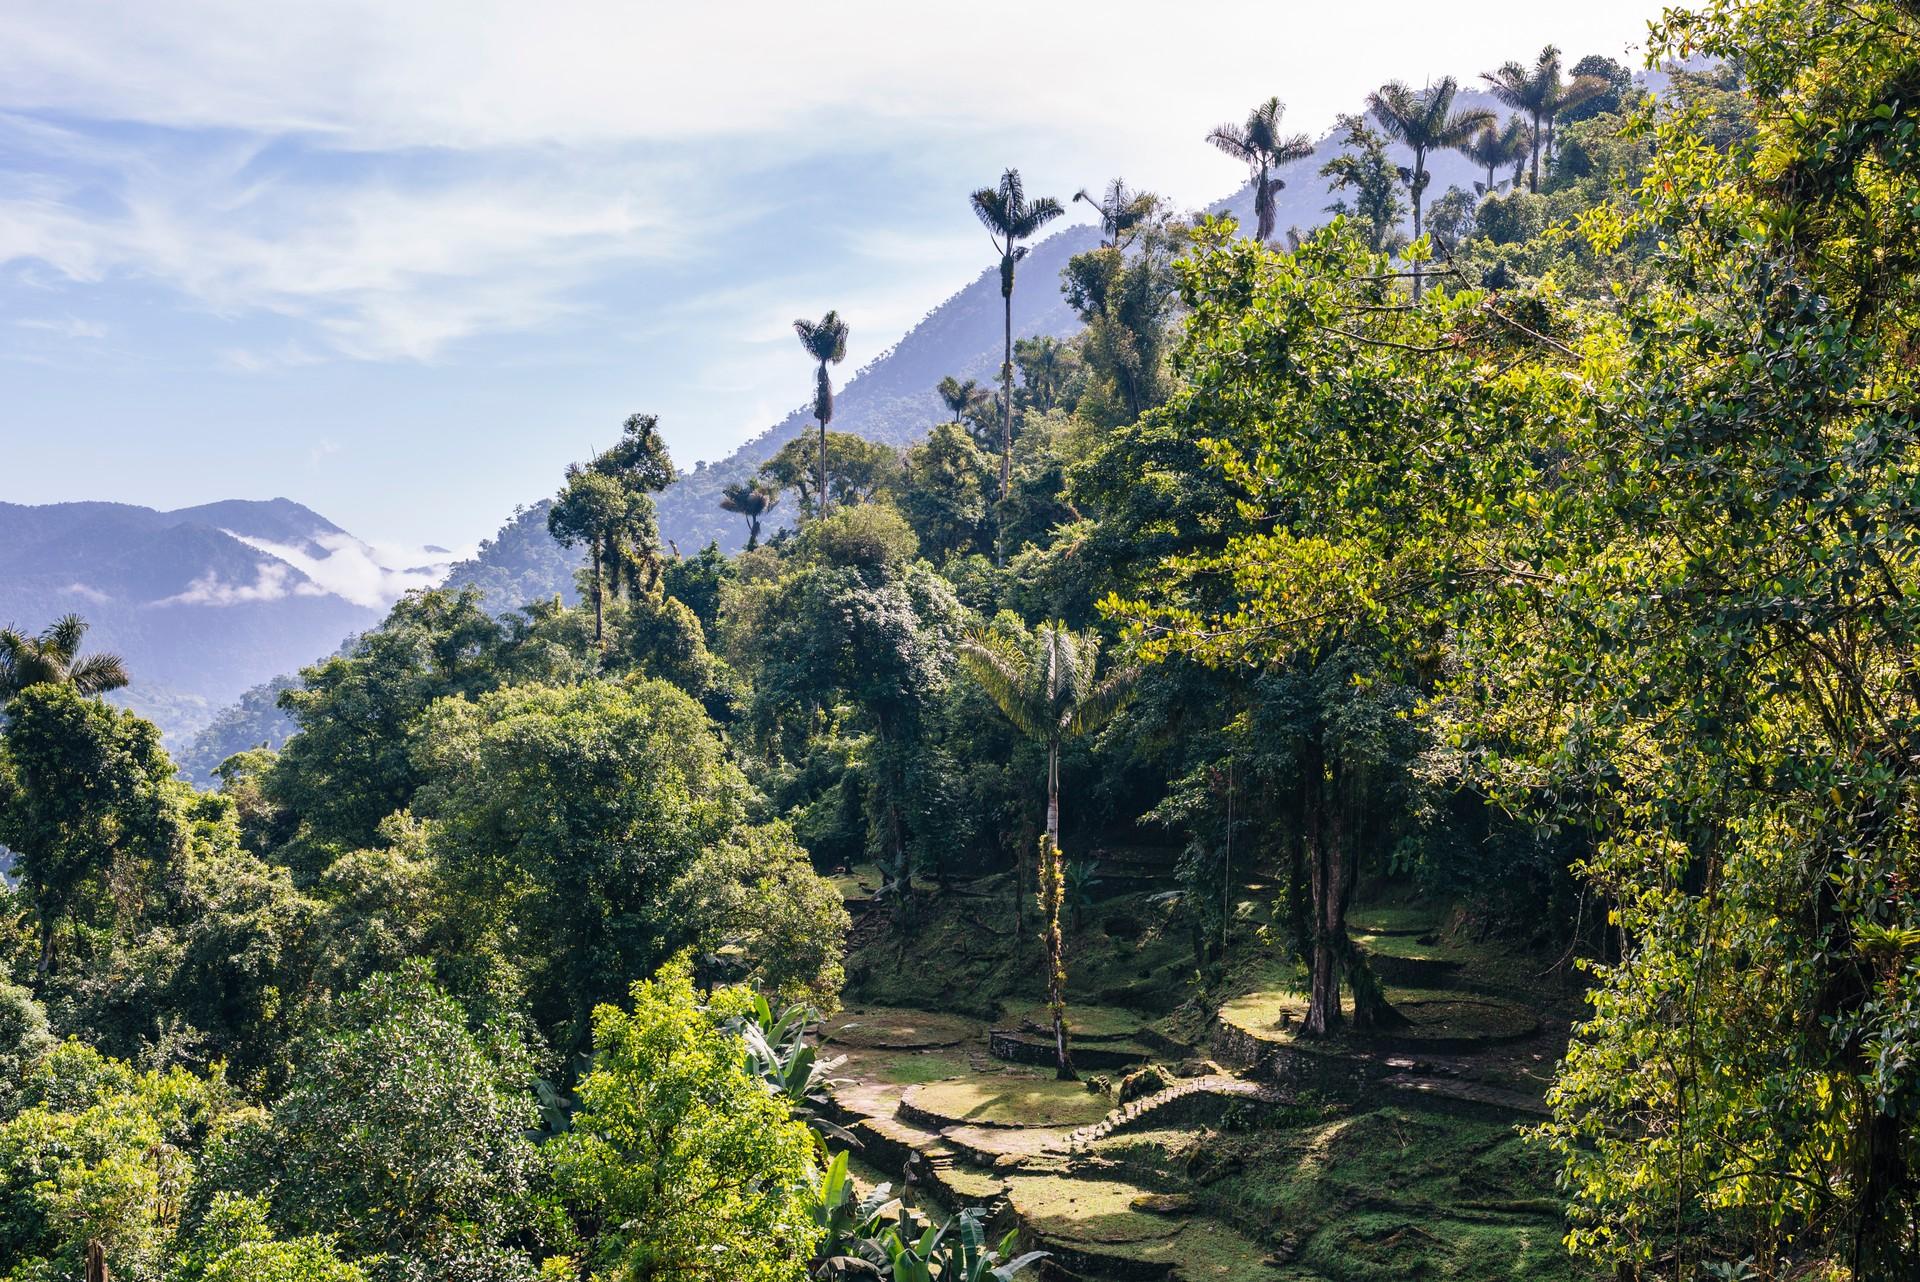 Restos arqueológicos en medio de la selva tropical en Ciudad Perdida